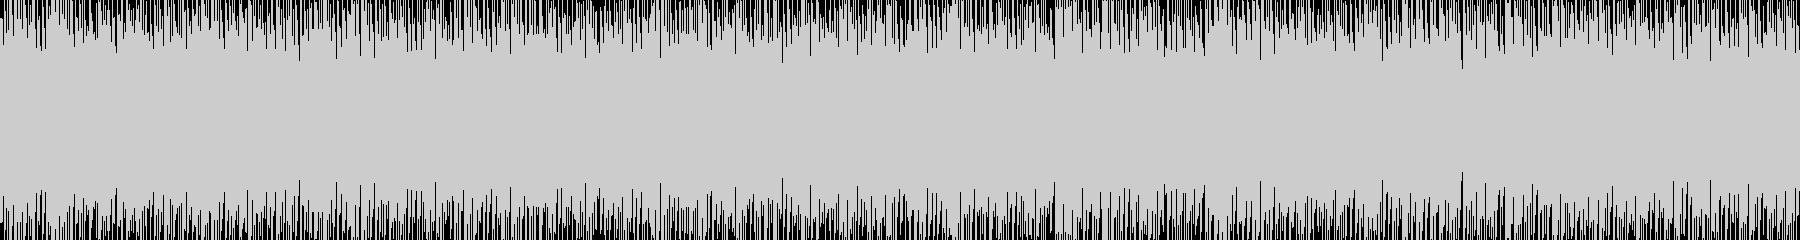 ピコピコゲームアミューズメント ドラム有の未再生の波形